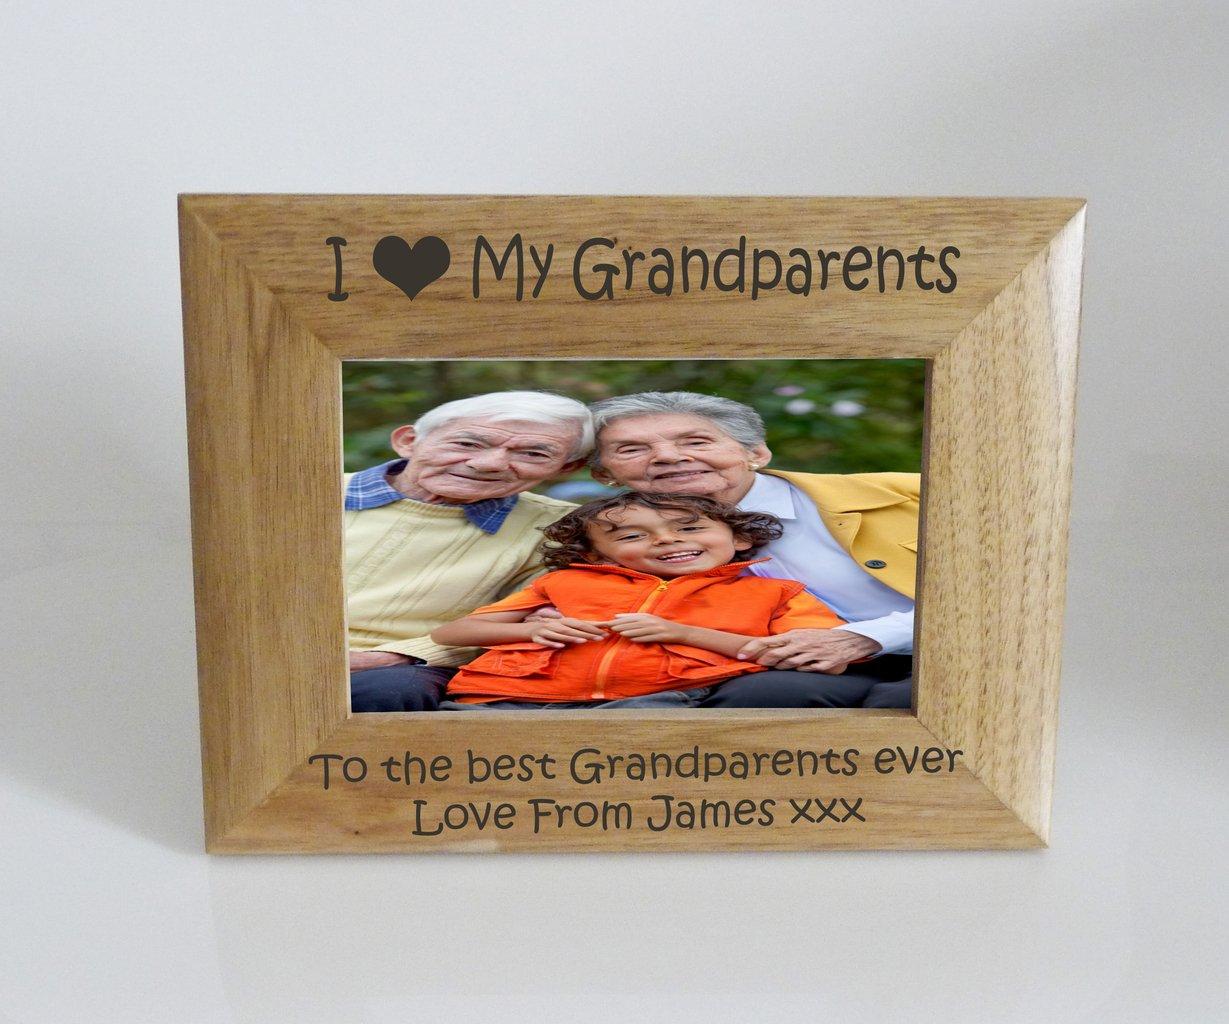 Grandparents Photo Frame 7 x 5 - I heart-Love My Grandparents 7 x 5 ...